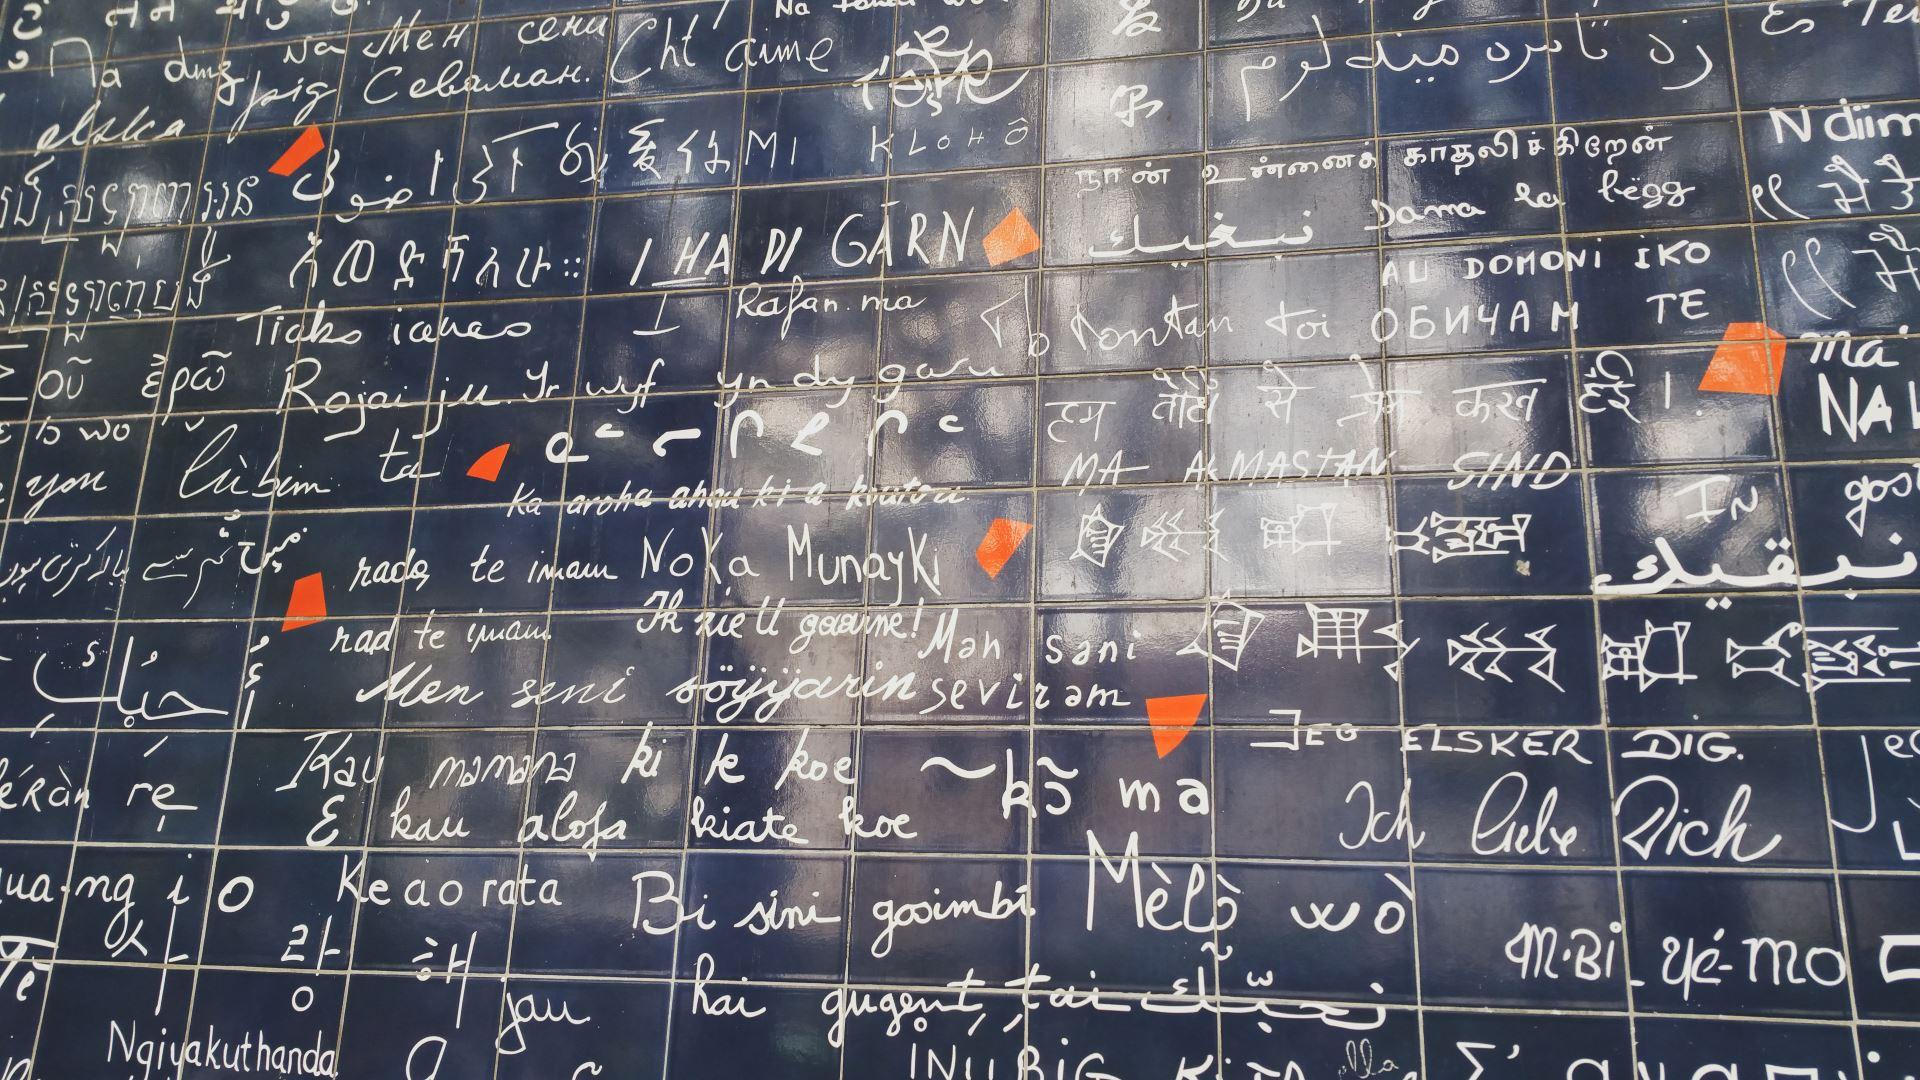 Le mur des je t'aime - Heiratsantrag in Paris